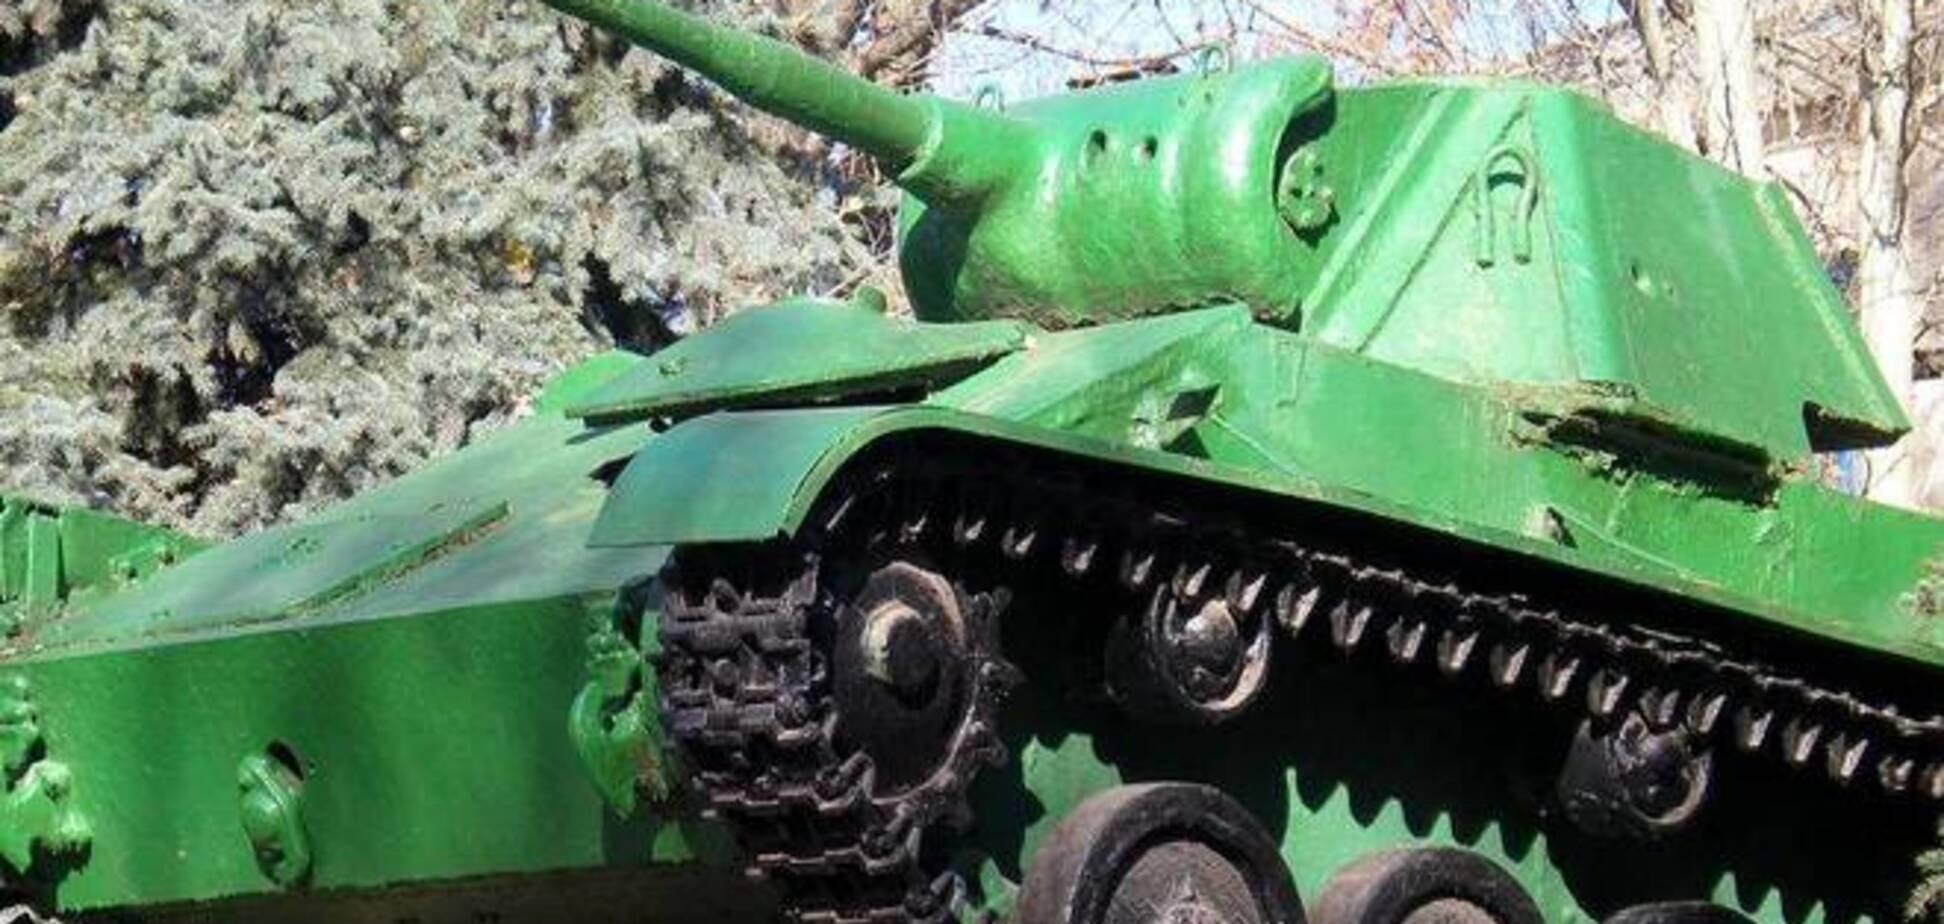 Терористи на Донеччині вкрали танк-пам'ятник і вирішили на ньому покататися